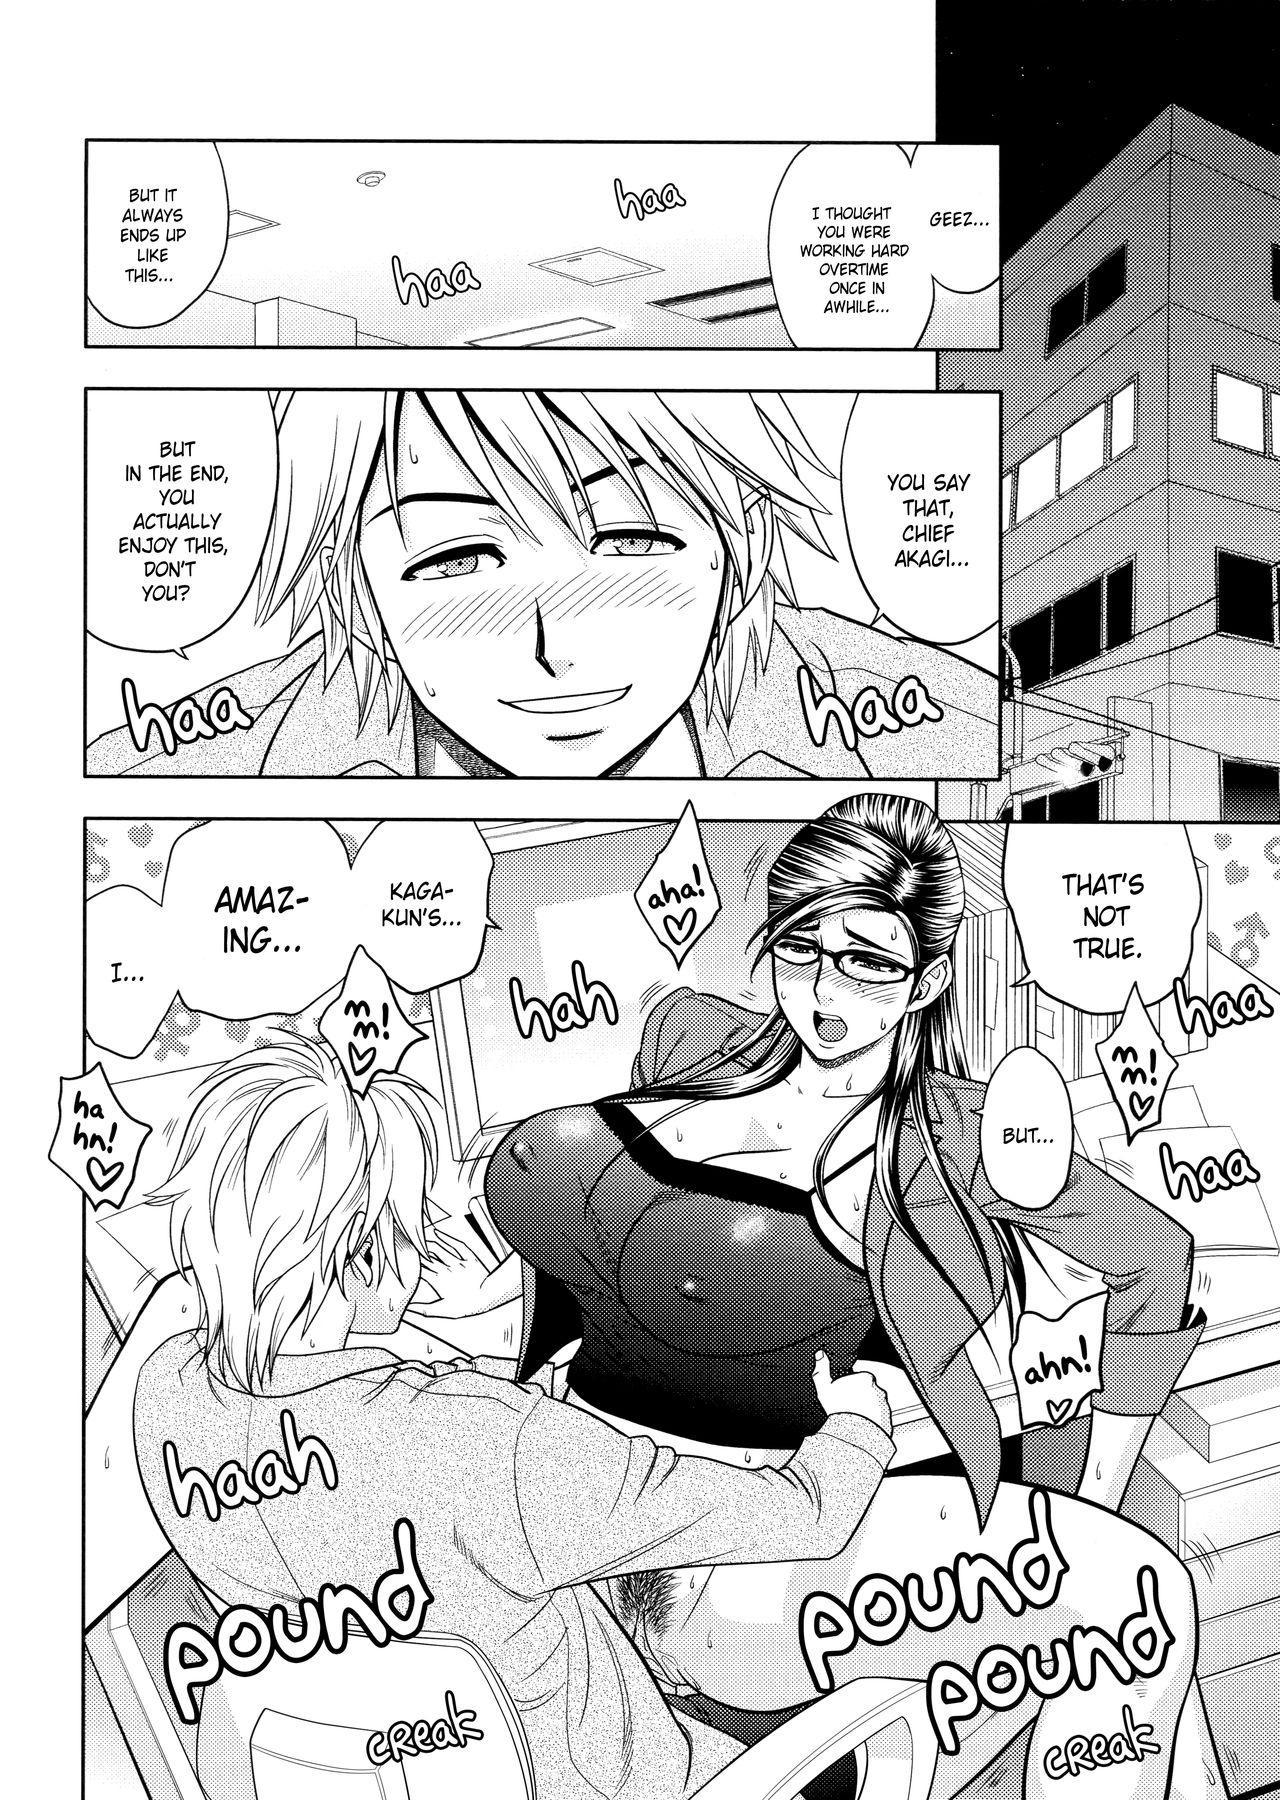 [Tatsunami Youtoku, Yamazaki Masato] Bijin Henshuu-chou no Himitsu | Beautiful Editor-in-Chief's Secret Ch. 1-4 [English] [Forbiddenfetish77, Red Vodka] [Decensored] 65